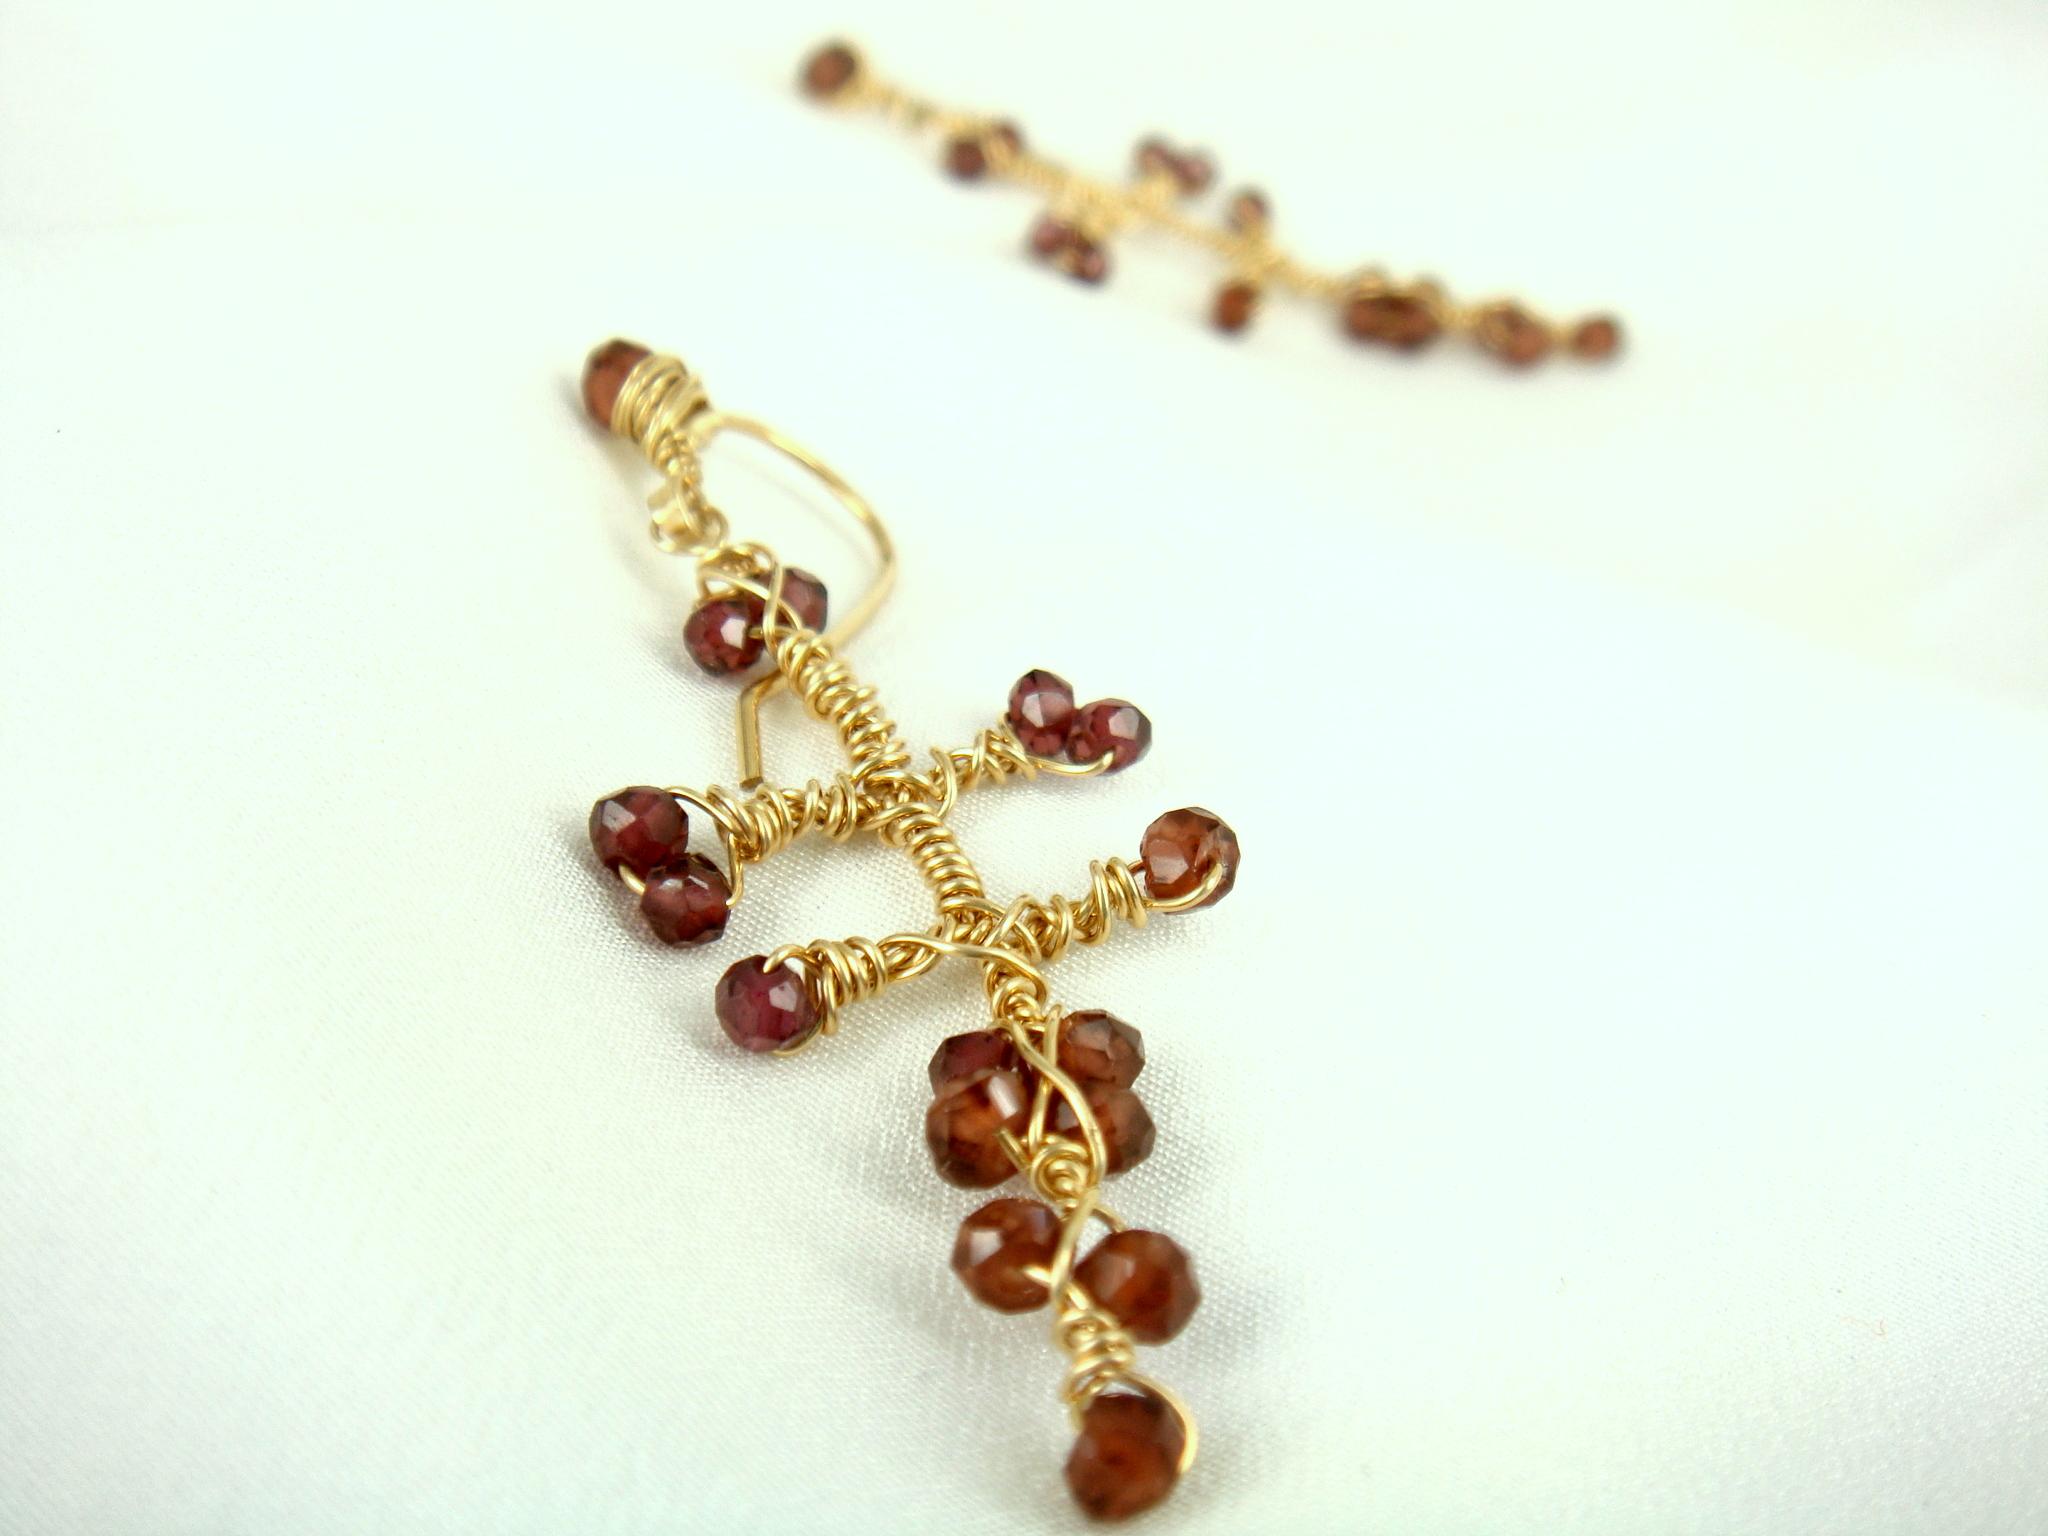 Momo Jewellery earrings for Lee Green Open Studios.